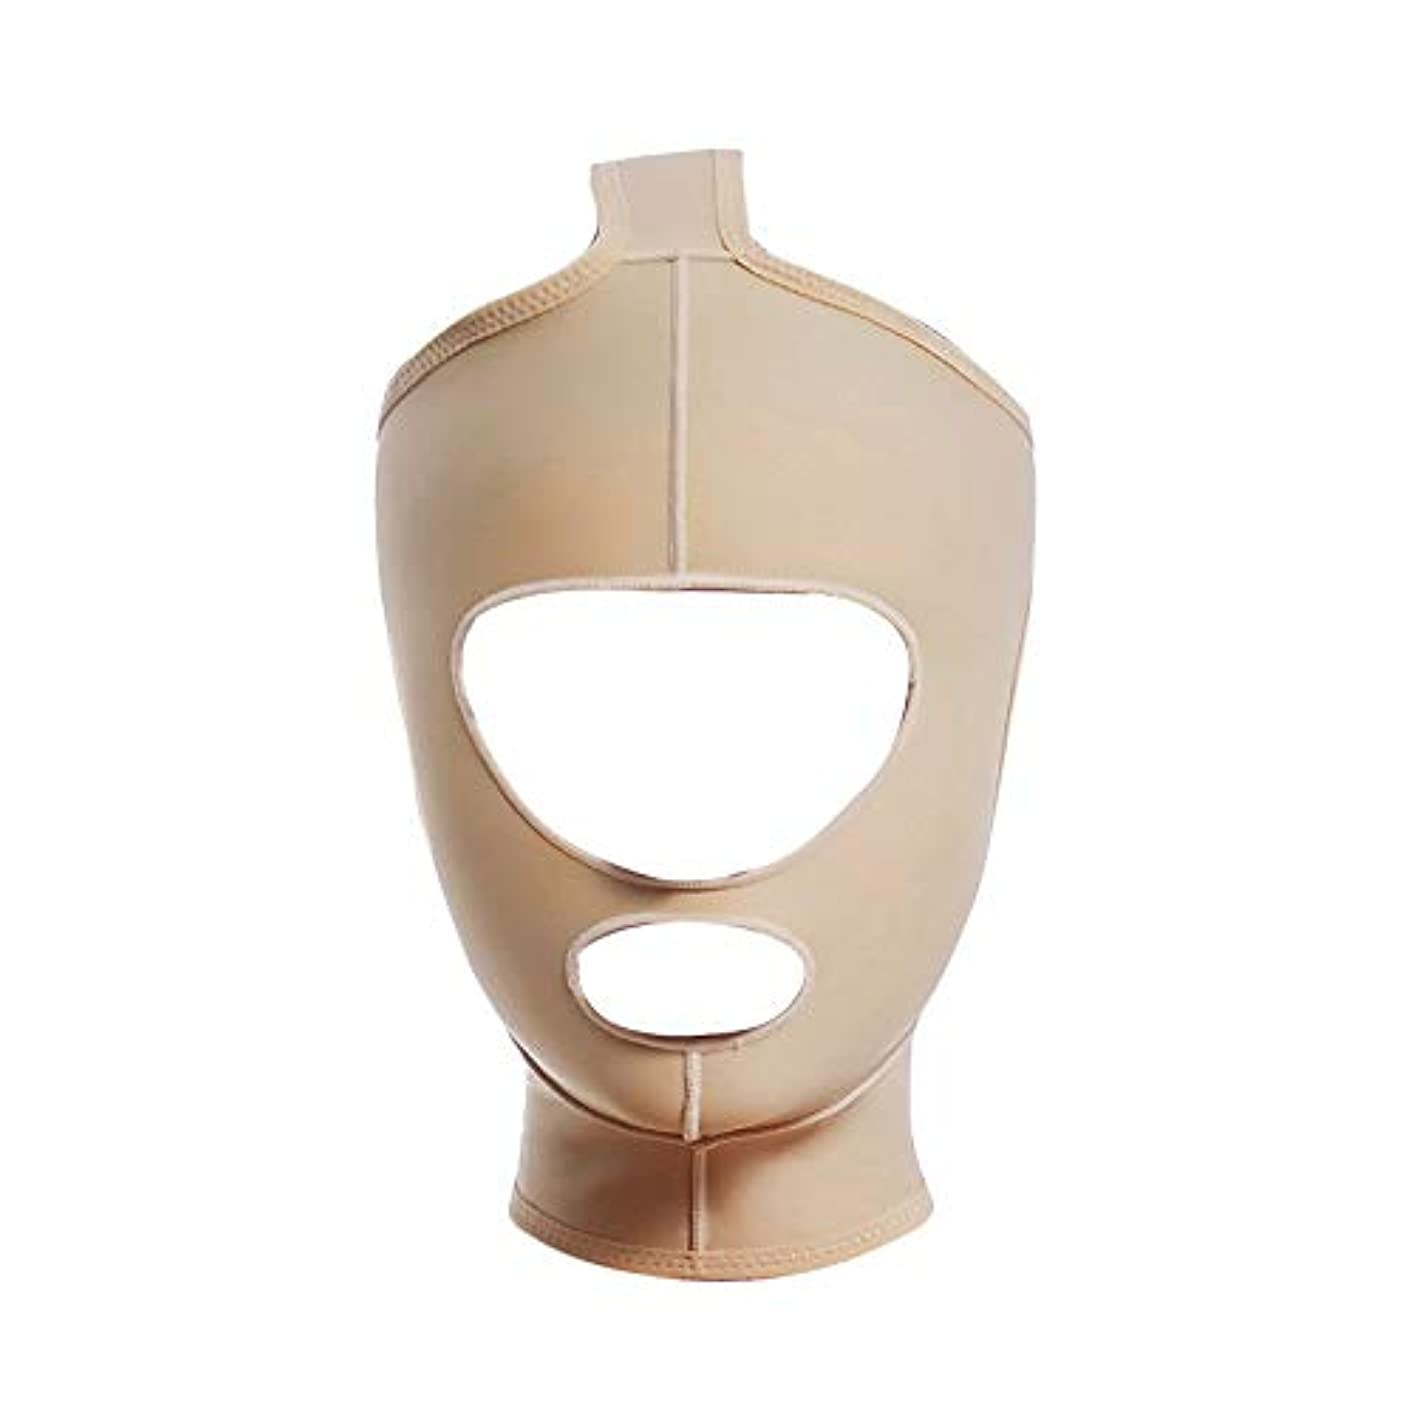 反映する伝導率木TLMY 顔と首のリフト痩身マスクの顔の彫刻の顔の弾性スーツ薄い二重あごのアーティファクトV顔のビーム表面 顔用整形マスク (Size : S)